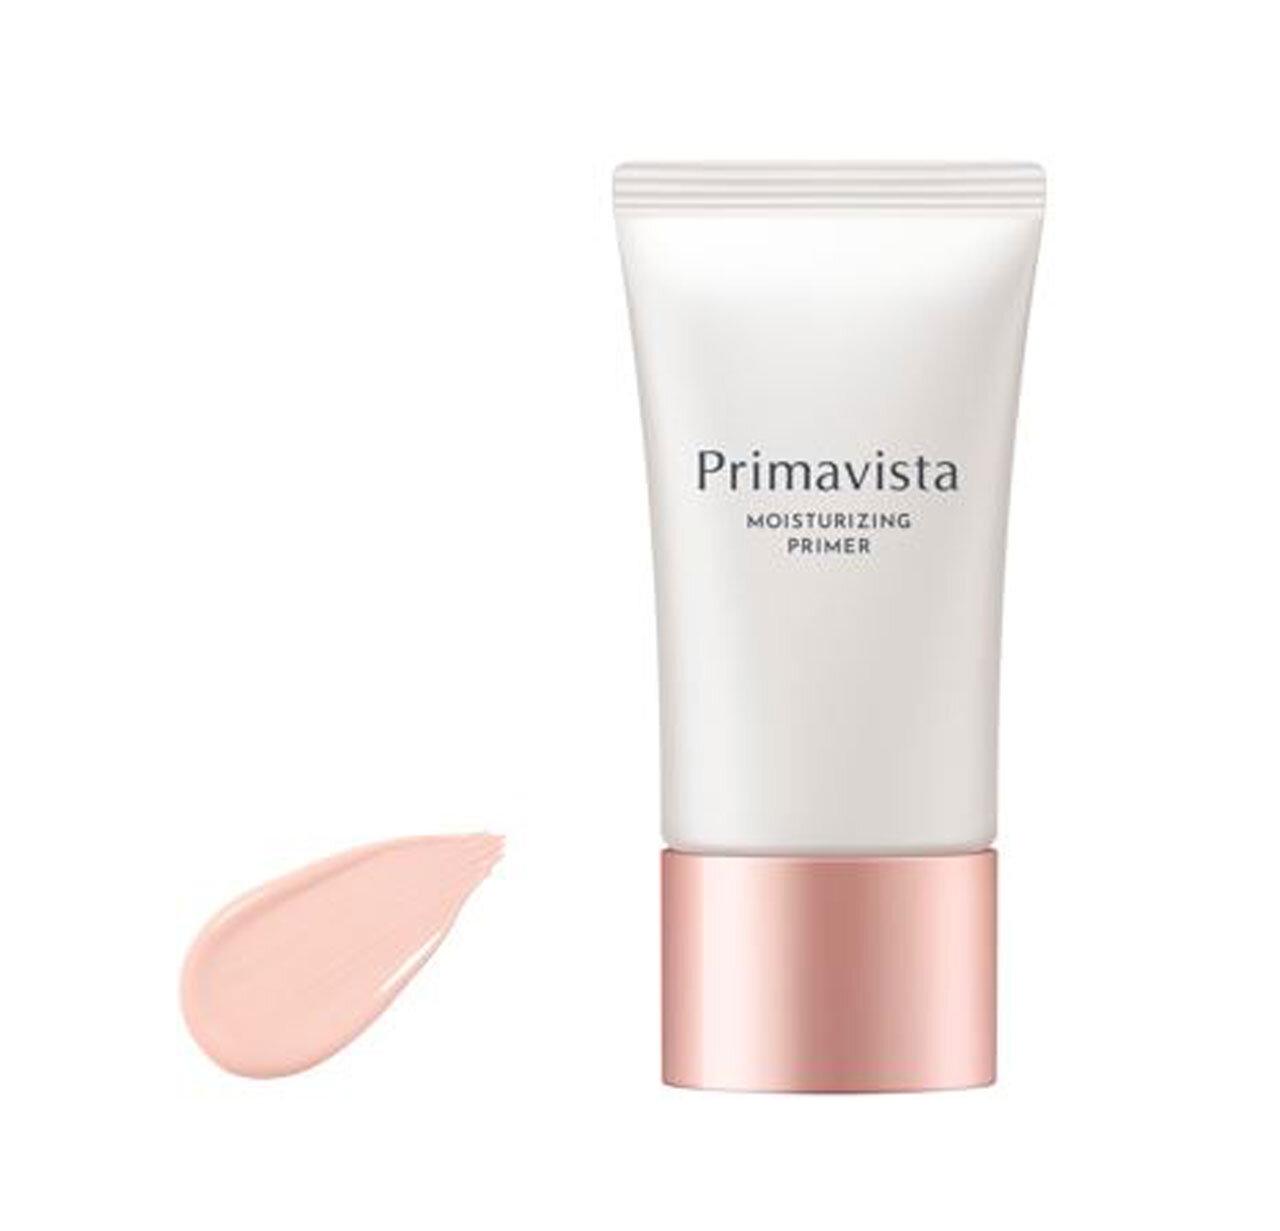 Primavista(プリマヴィスタ)『プリマヴィスタ スキンプロテクトベース<乾燥くずれ防止>』